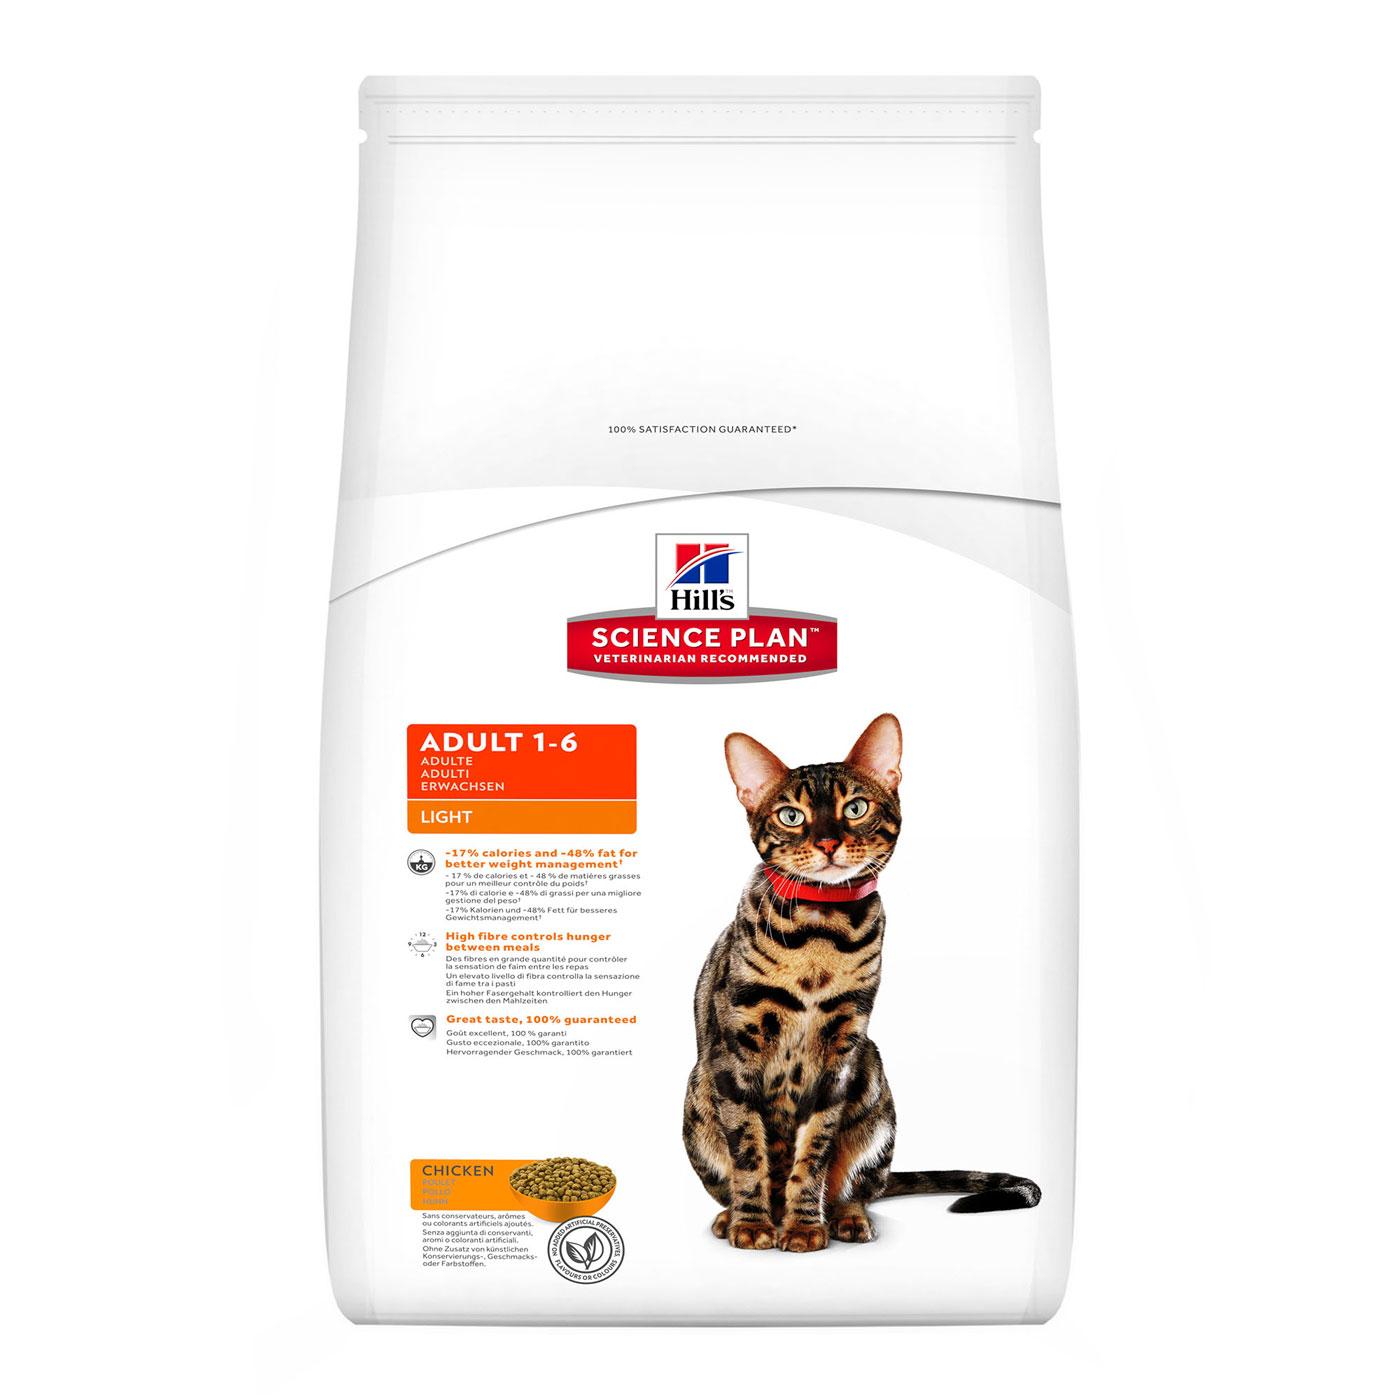 HILL'S SCIENCE PLAN ADULT LIGHT – сухой корм для взрослых котов, склонных к набору веса